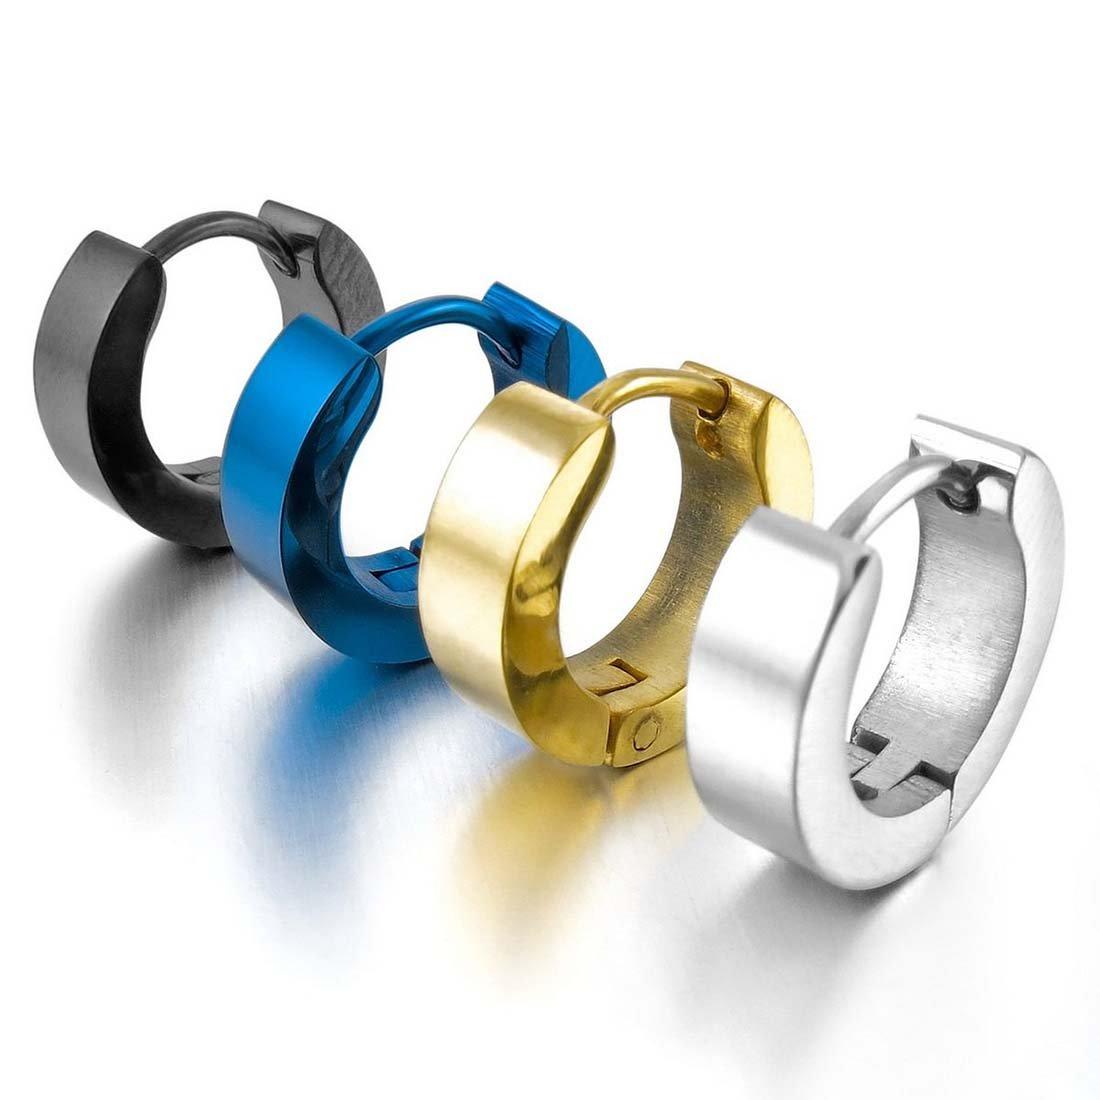 e77e7fe53bac Aro Hoop Pendientes Conjunto - SODIAL(R)Acero Inoxidable Semental Aro Hoop  Huggie Pendientes Plata Negro Azul Oro Clasico Encanto Atractivo Elegante (  4 ...